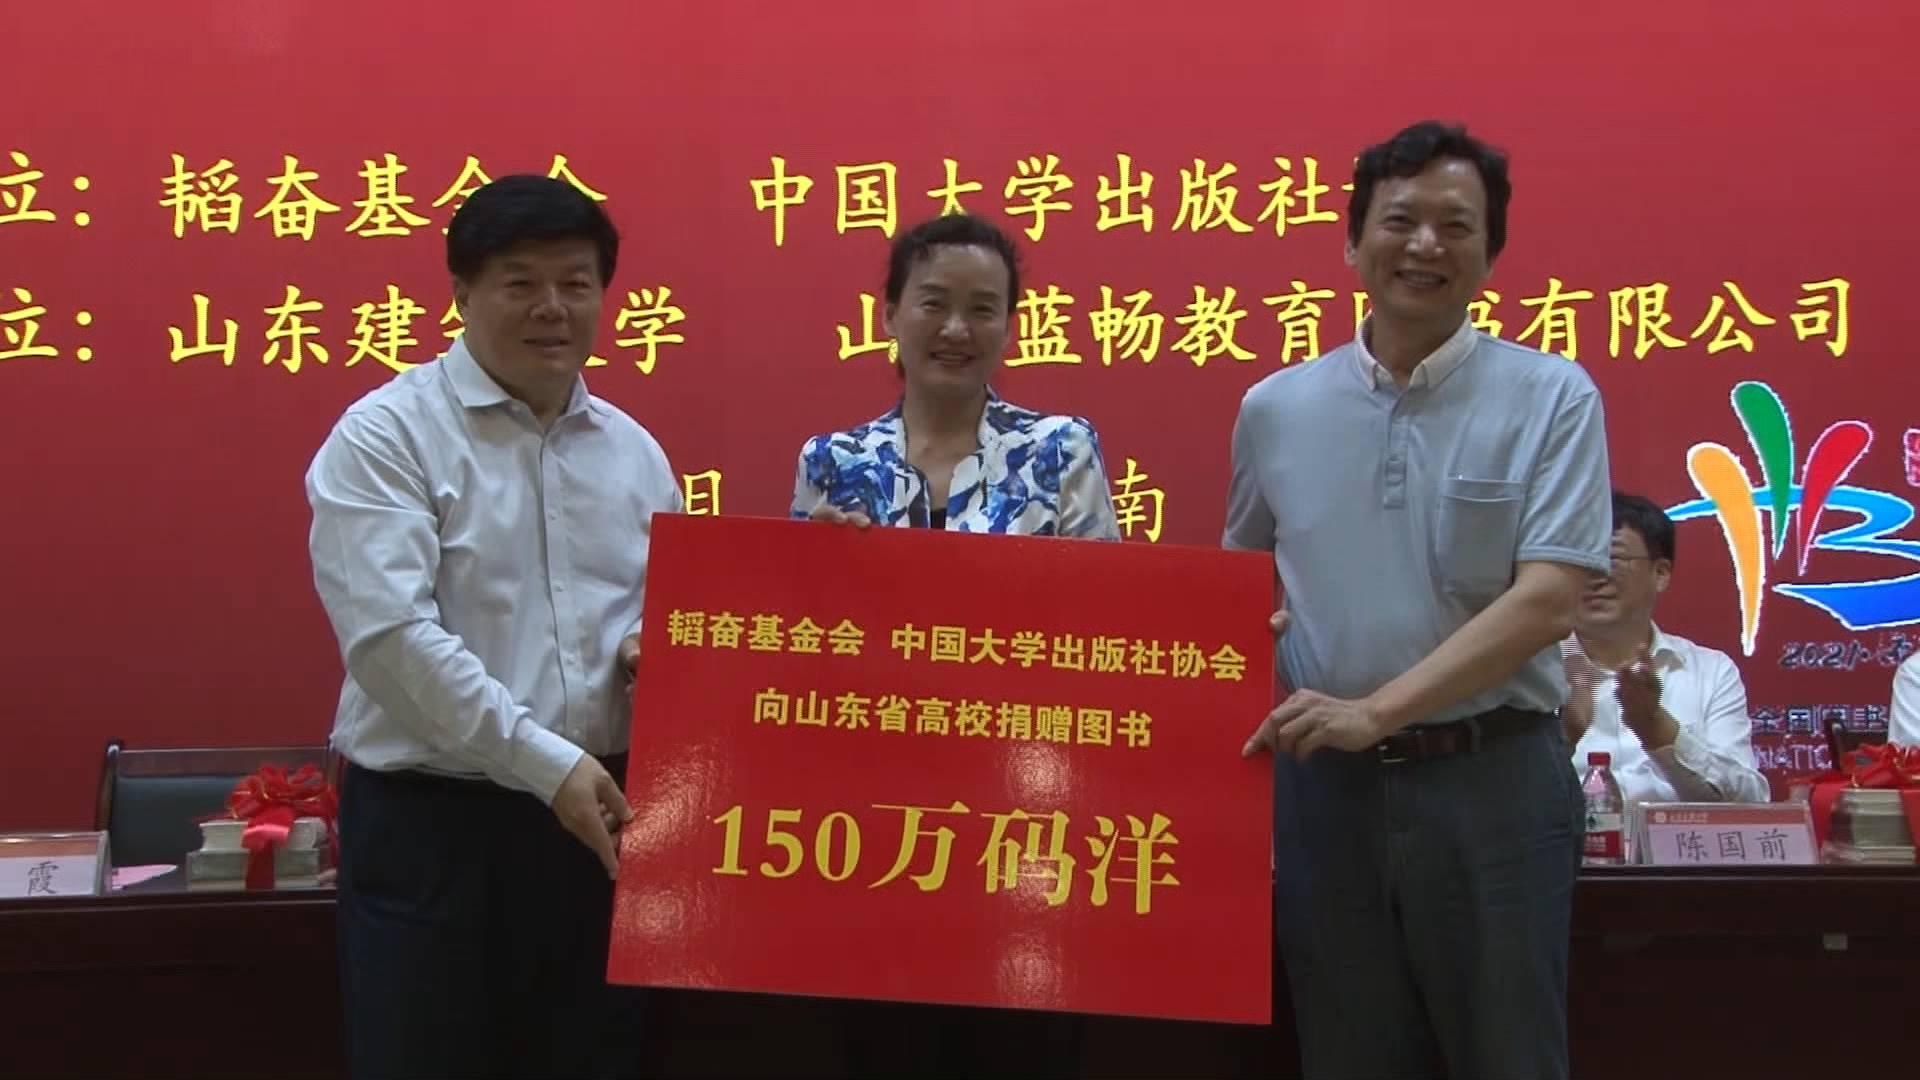 韬奋基金会携手中国大学出版社协会向山东省10所高校捐赠图书2.8万册